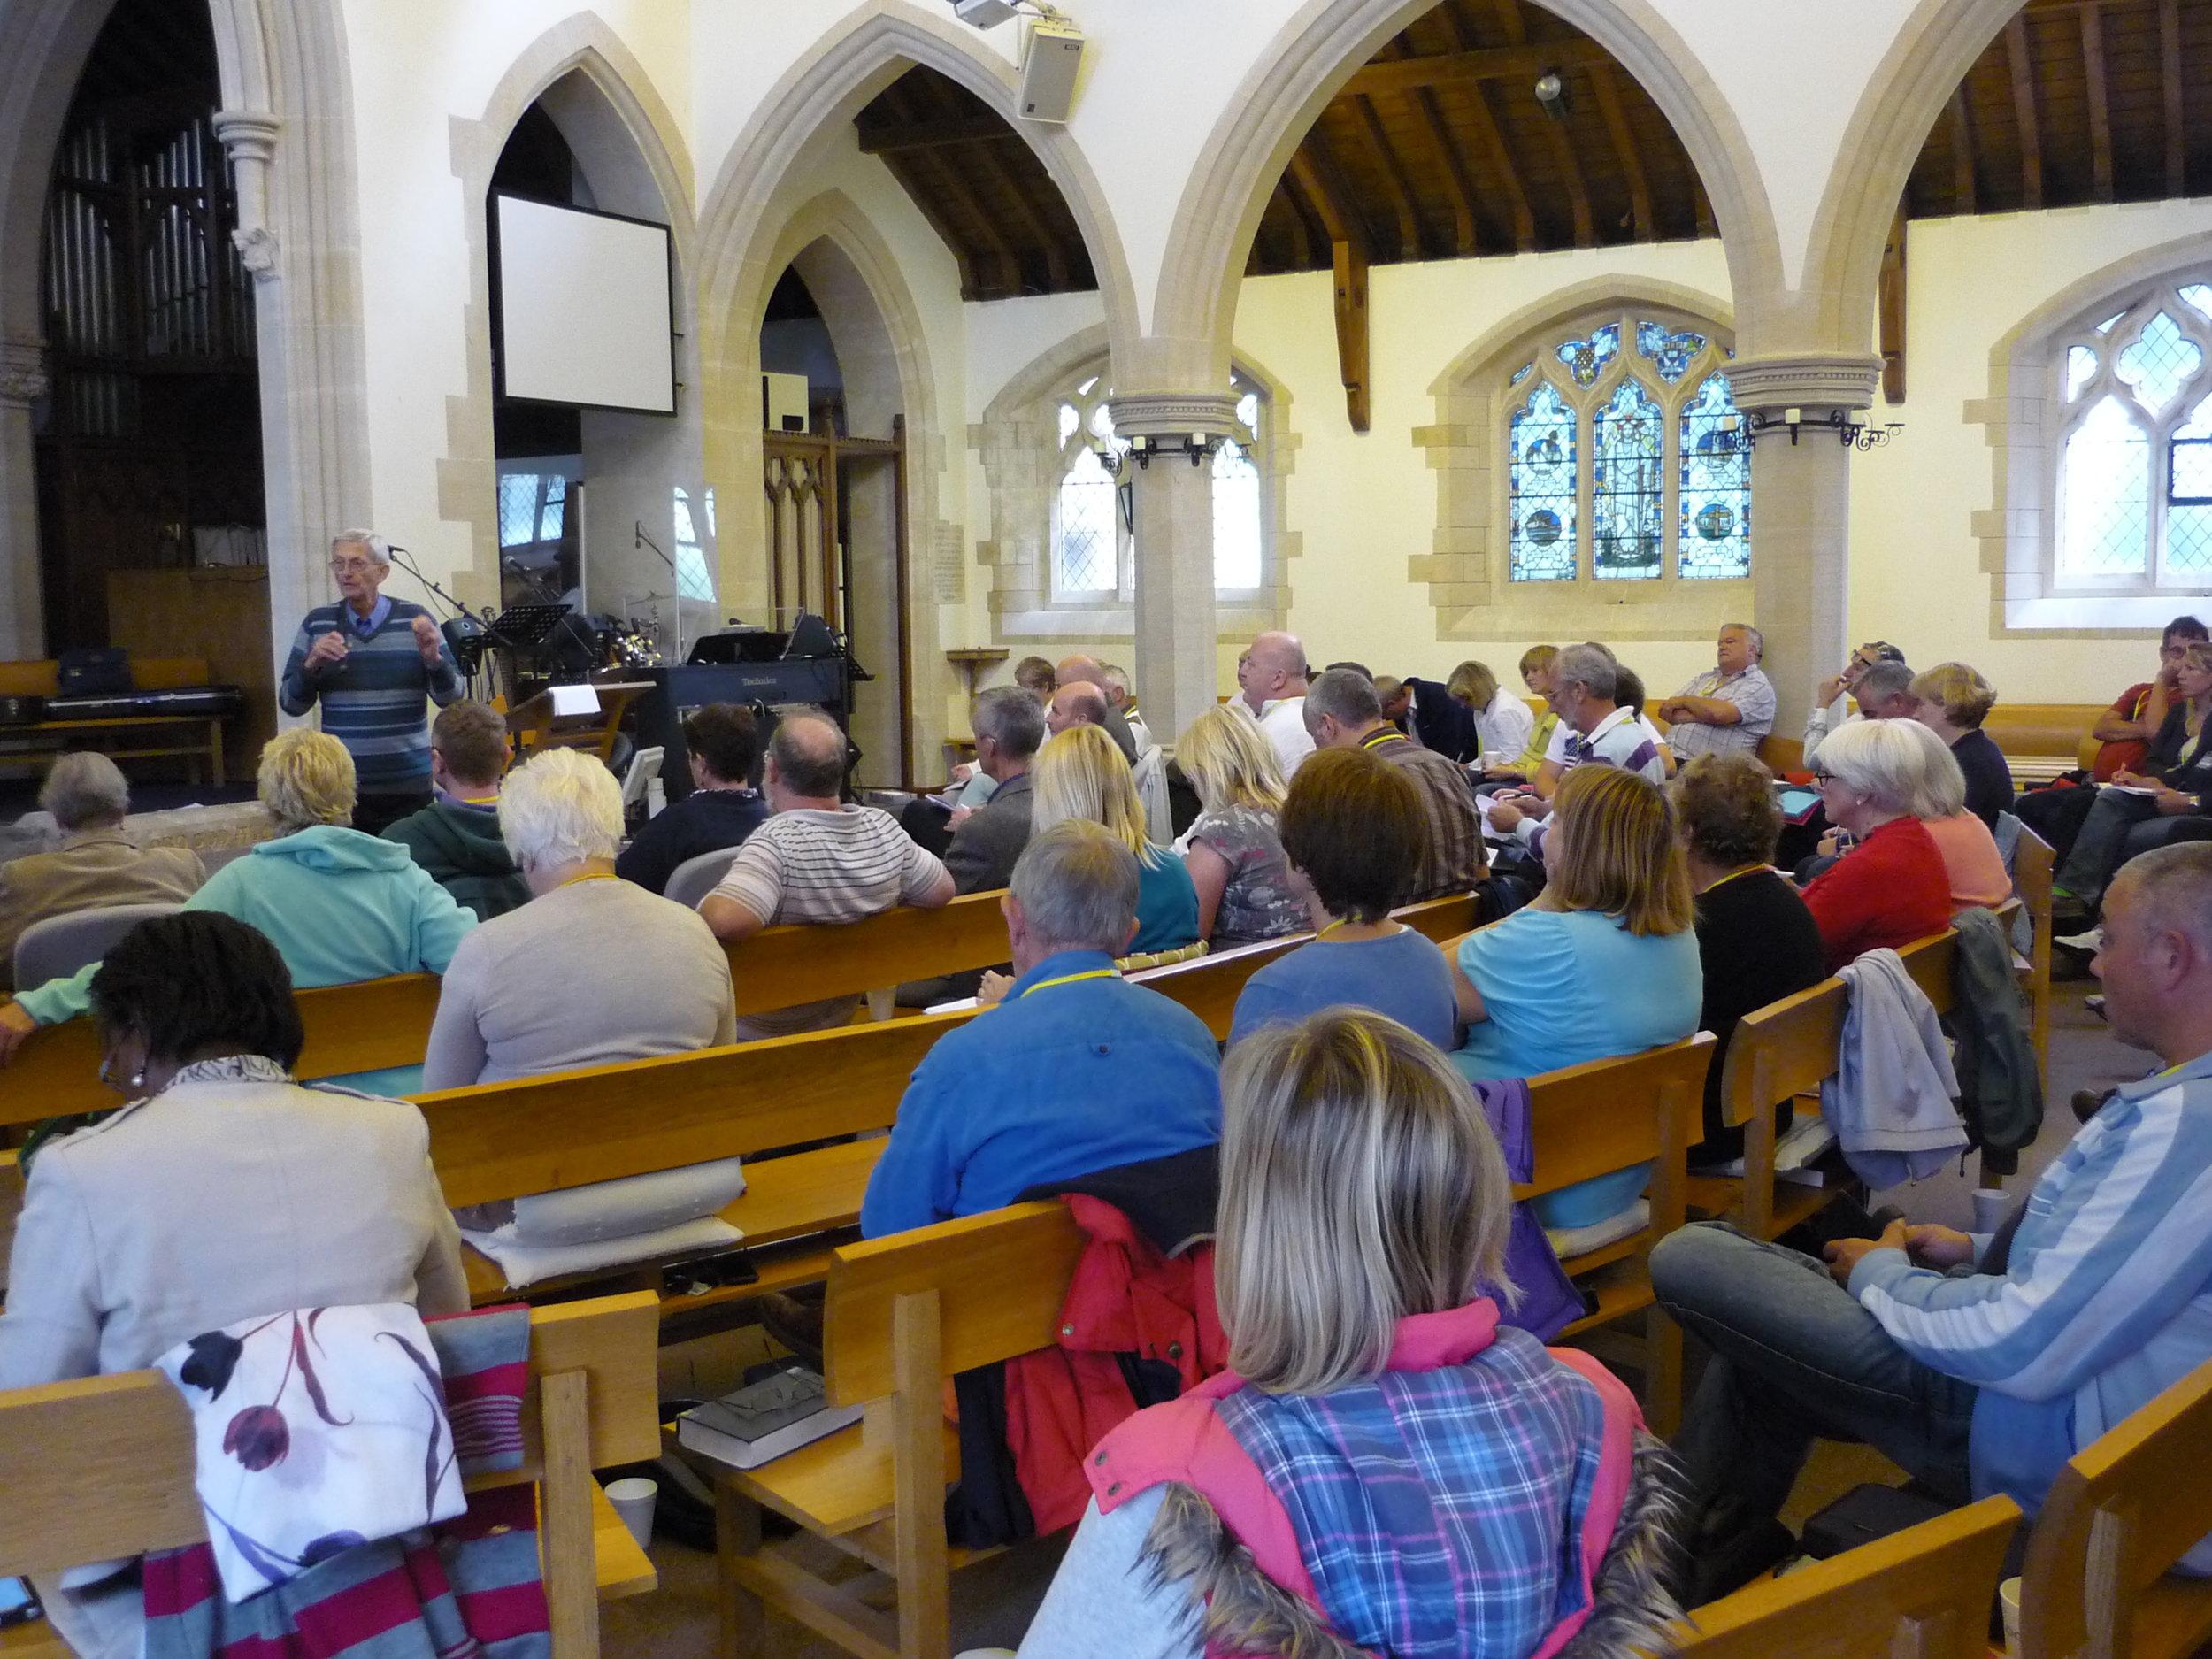 EFL School at Holy Trinity Church, Bath